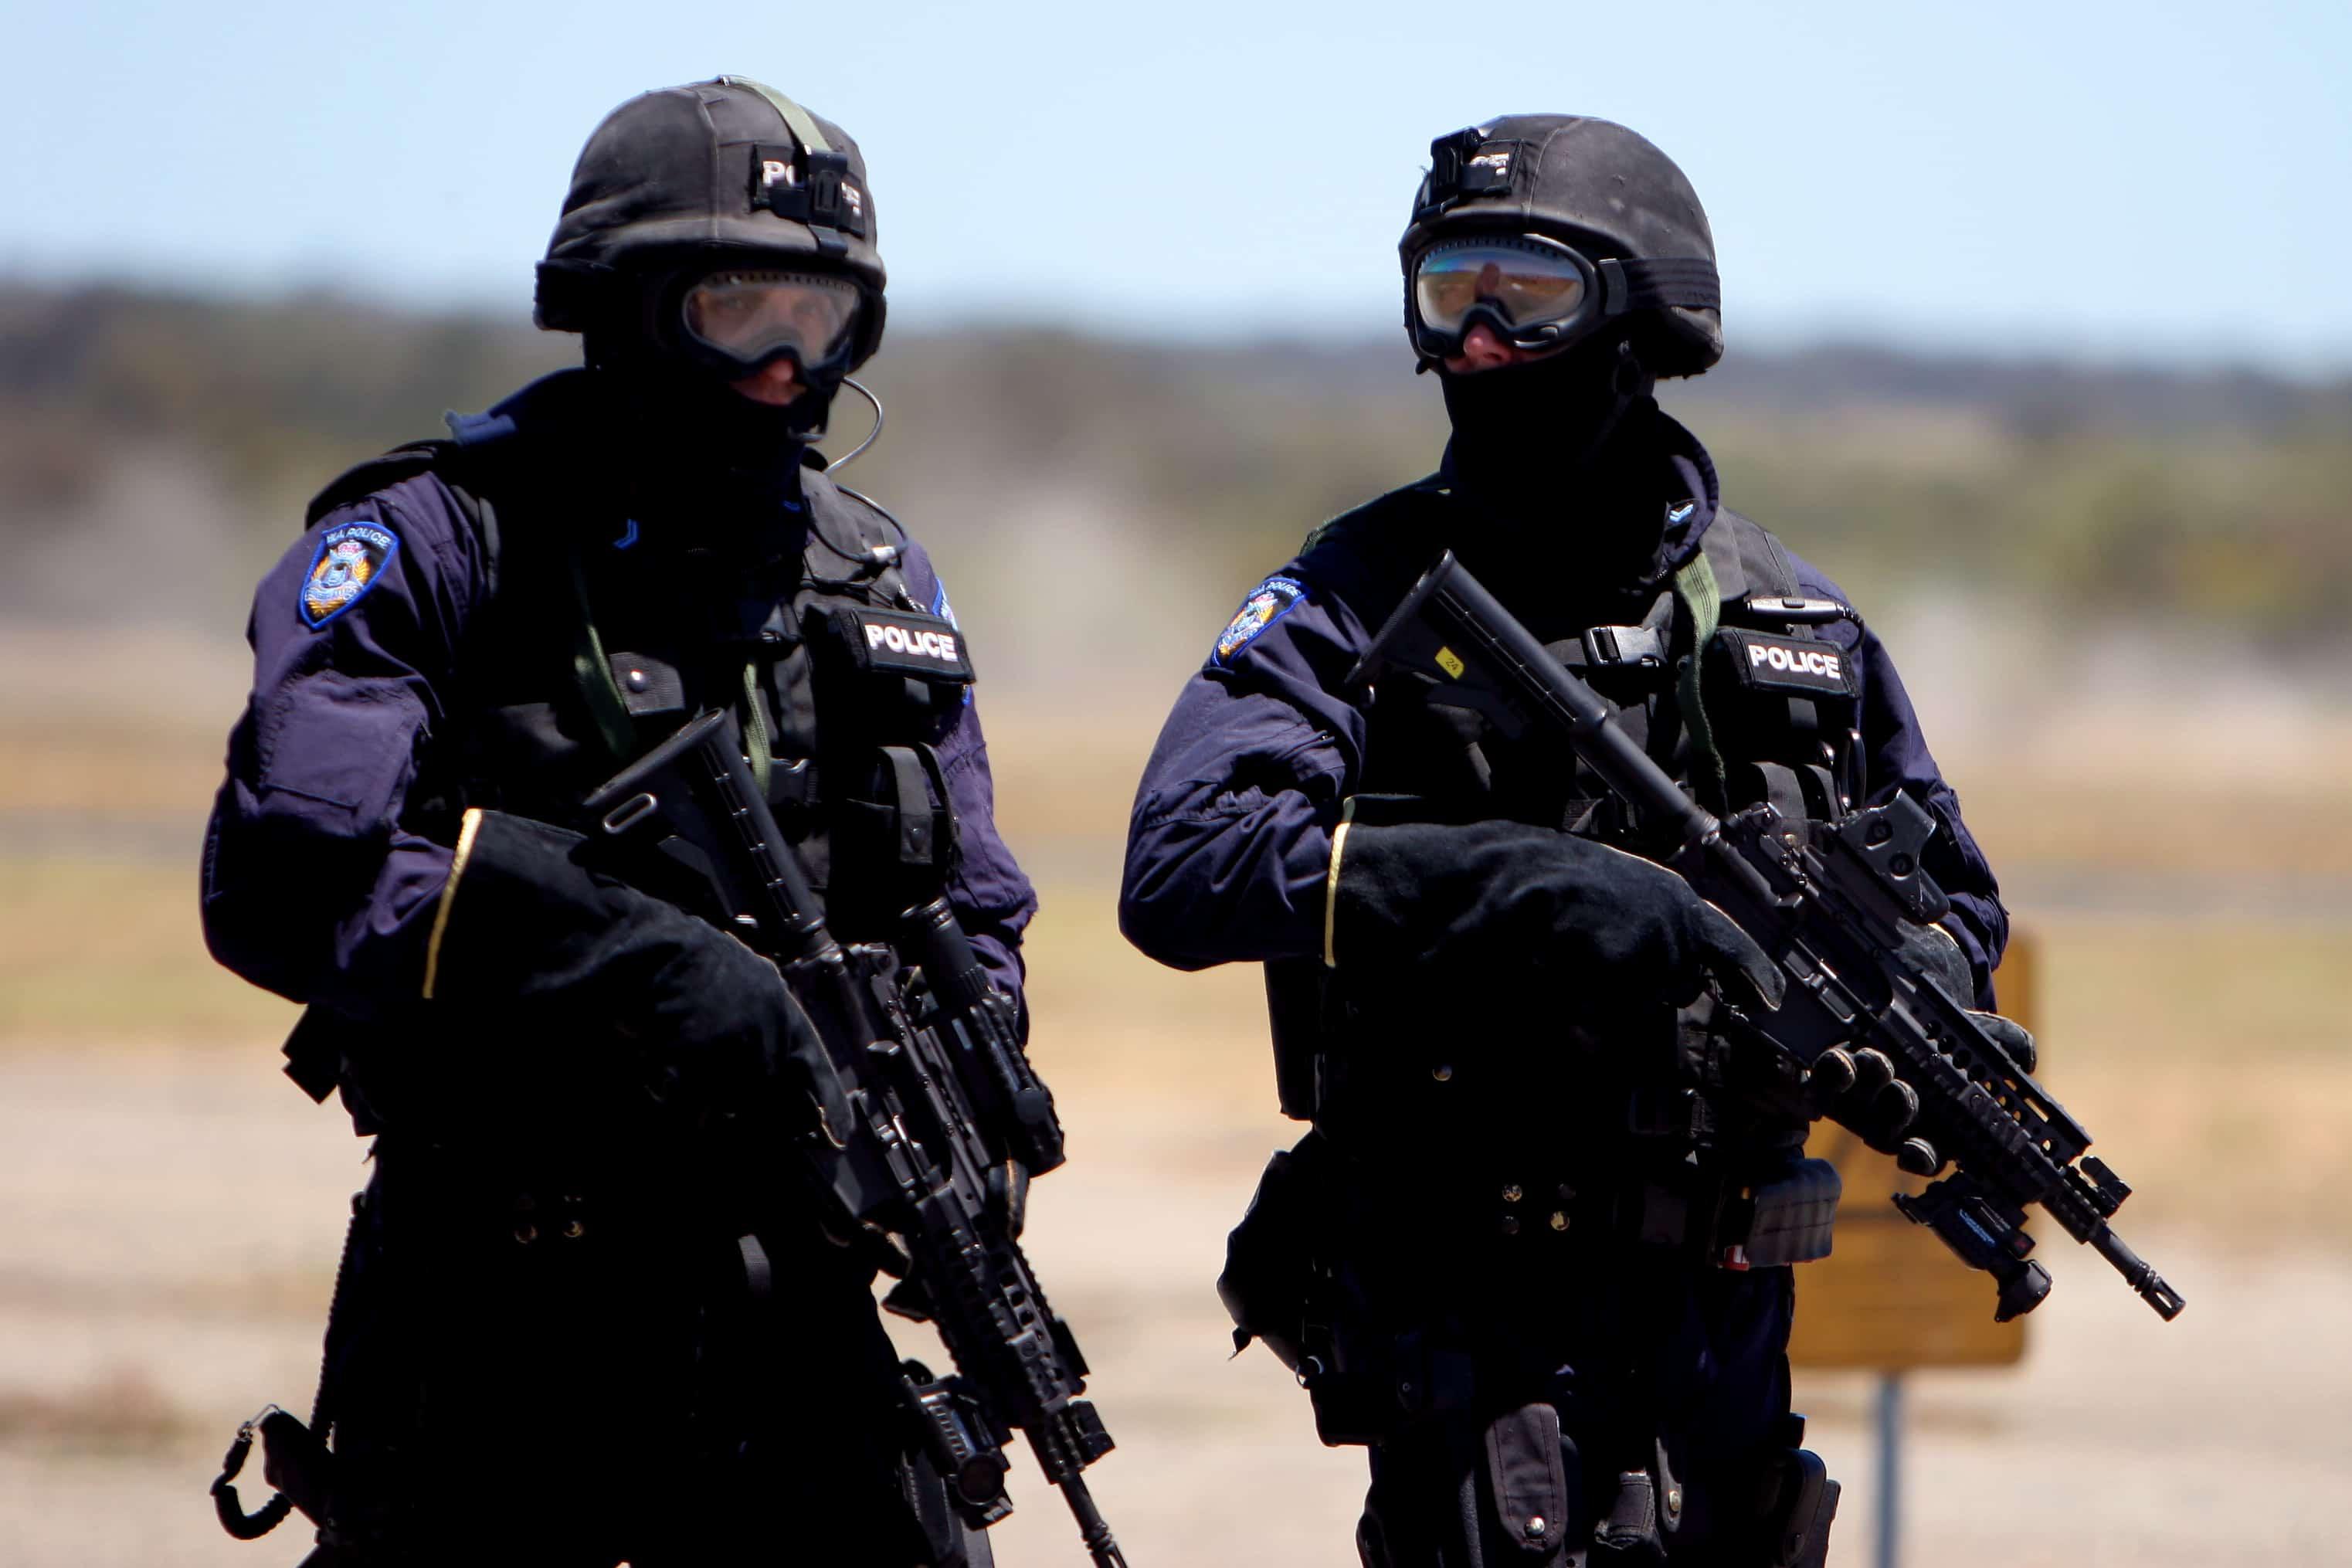 """Úc: Mang vũ khí vào cây xăng, hai anh em lĩnh ngay """"kẹo đồng"""" của cảnh sát - 1"""